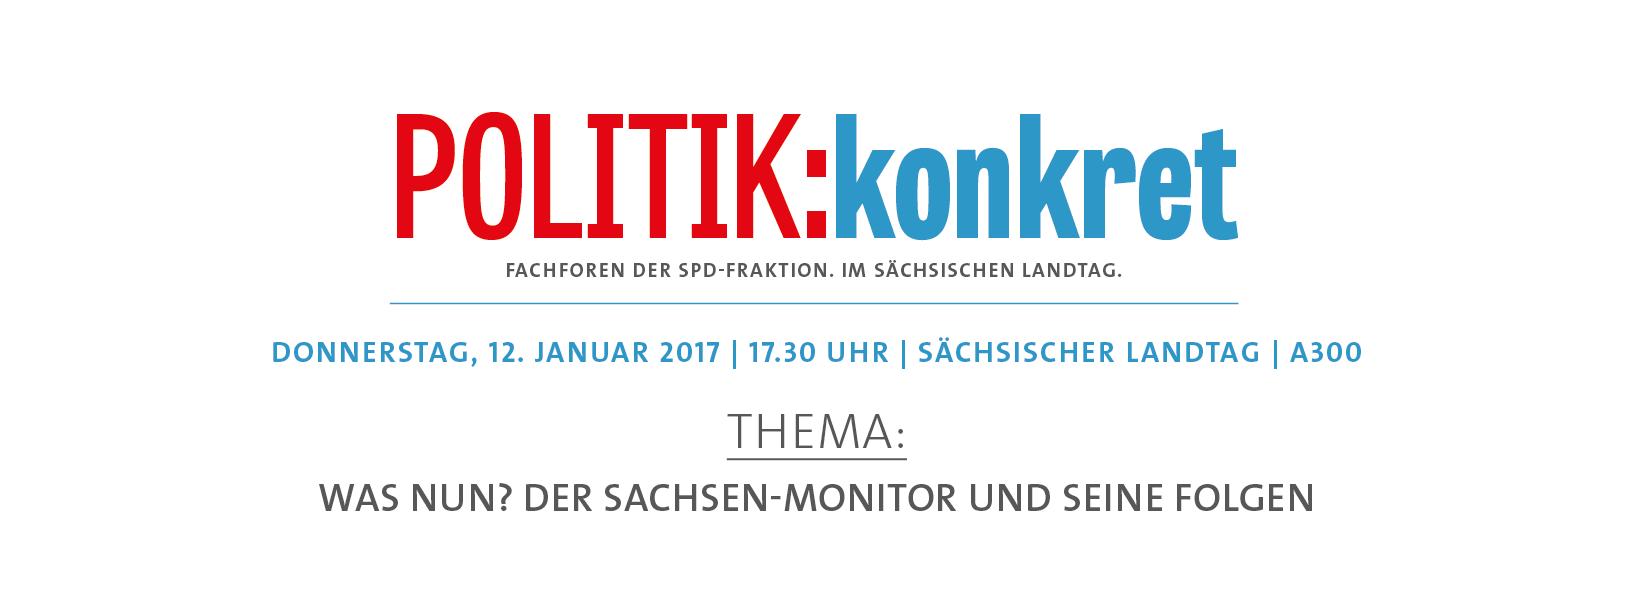 Mit der SPD-Fraktion diskutieren: Der Sachsen-Monitor und seine Folgen